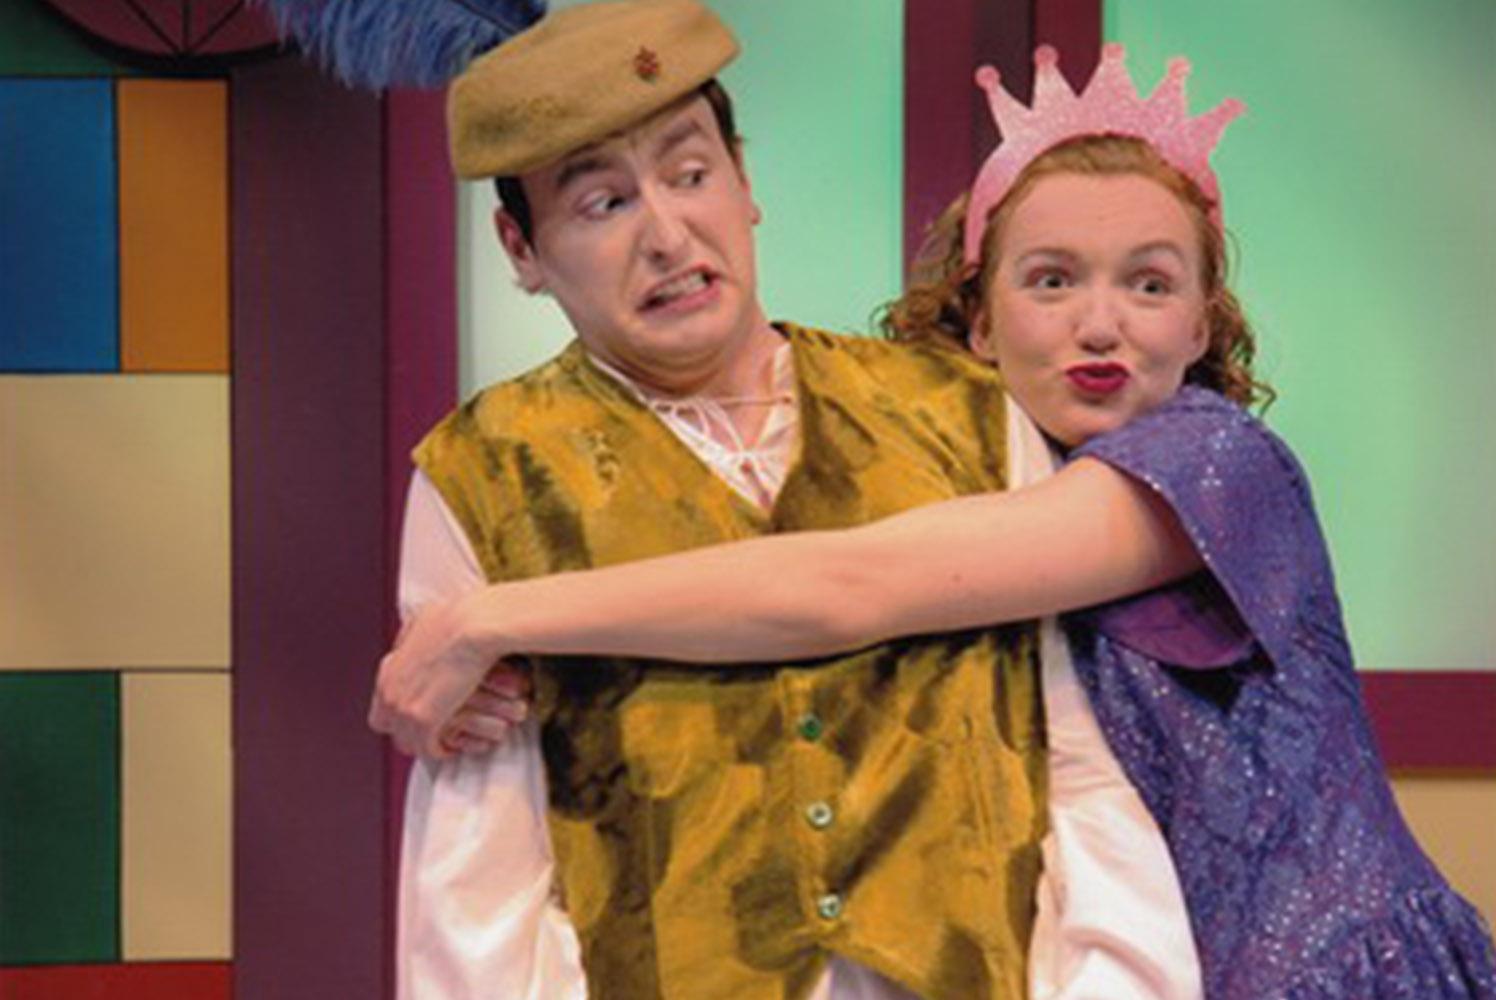 Il était une deuxième fois de Laura Lussier et Bobby Robidoux, Le Théâtre du Grand Cercle du Cercle Molière, 2009 Photo : Hubert Pantel